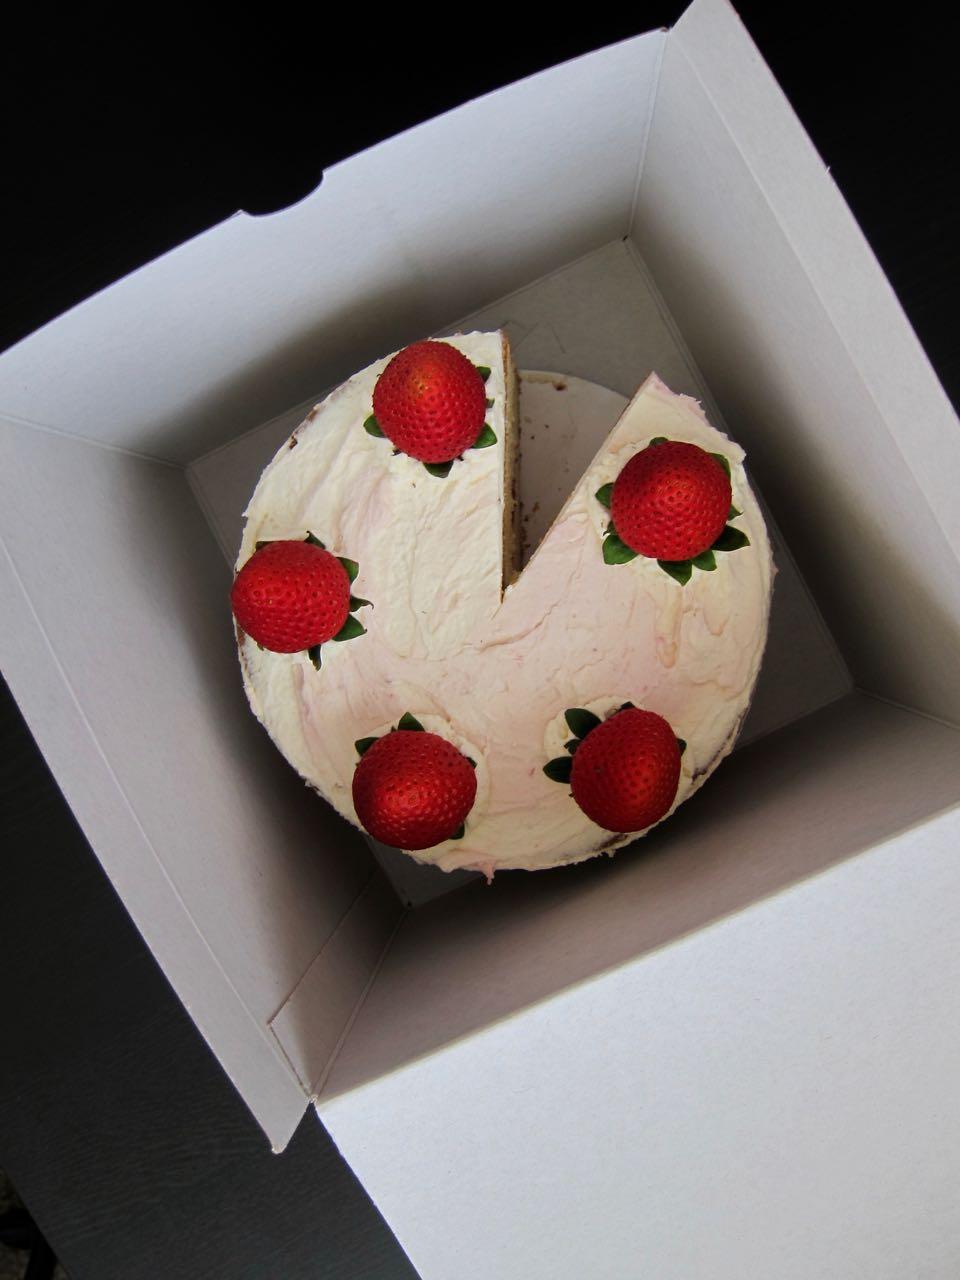 boxed strawberries and cream cake.jpg